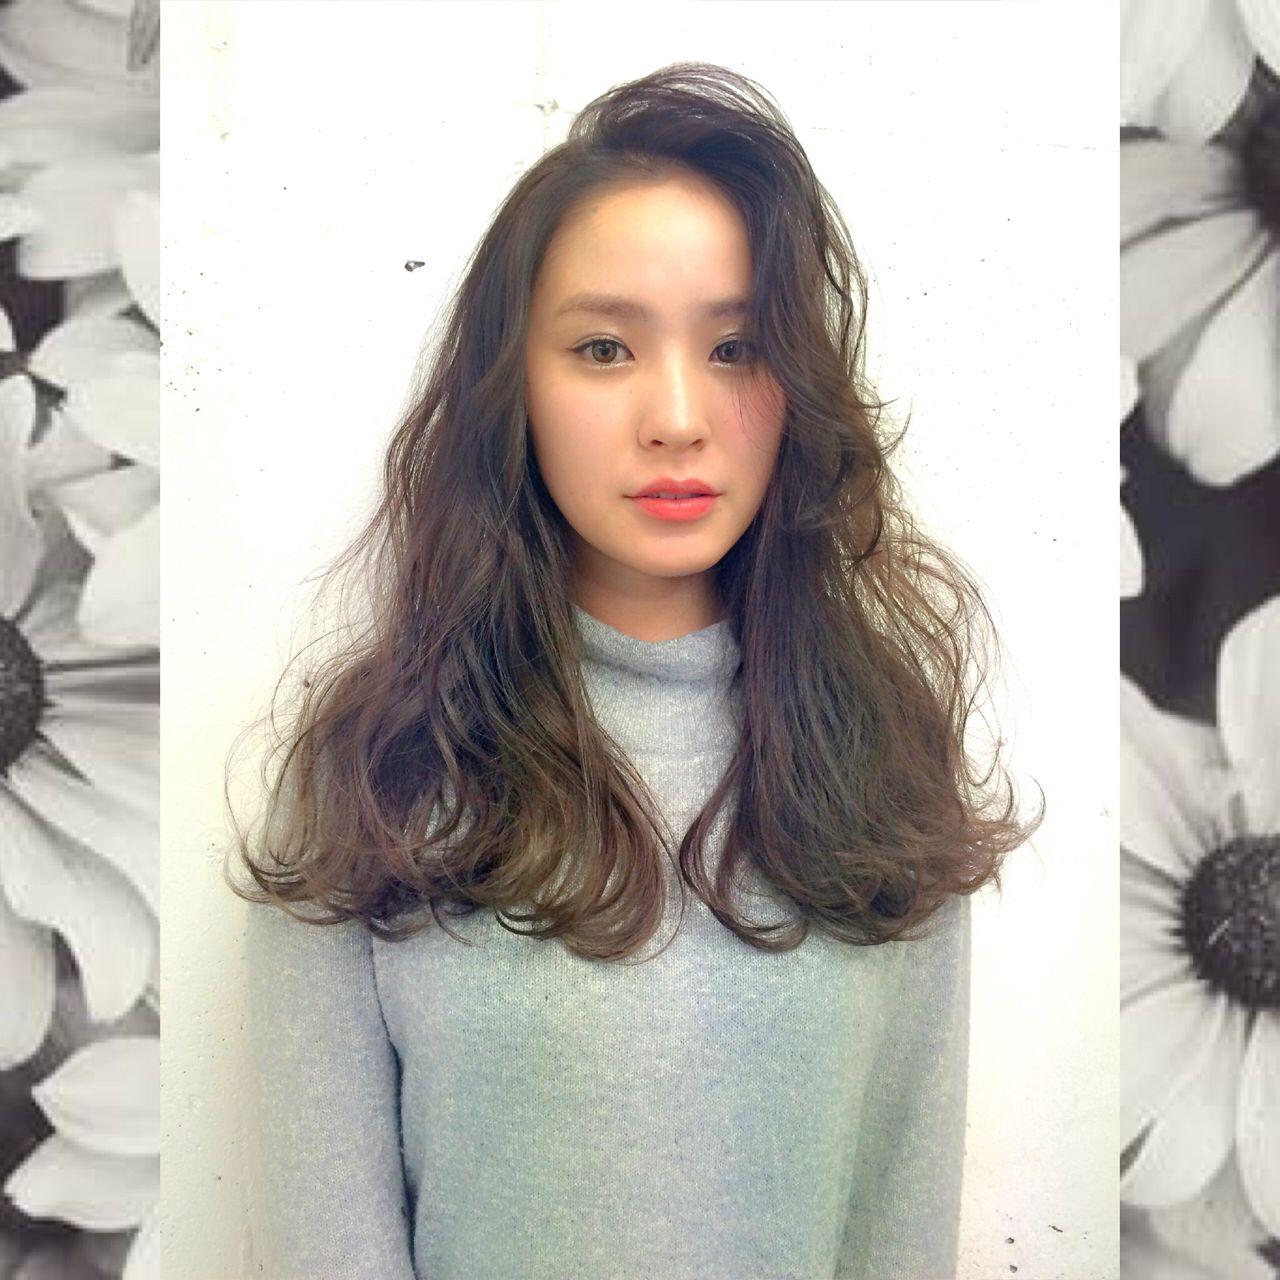 モテ髪 ナチュラル ゆるふわ ロング ヘアスタイルや髪型の写真・画像 | 野中 まりえ / SHIMA aoyama